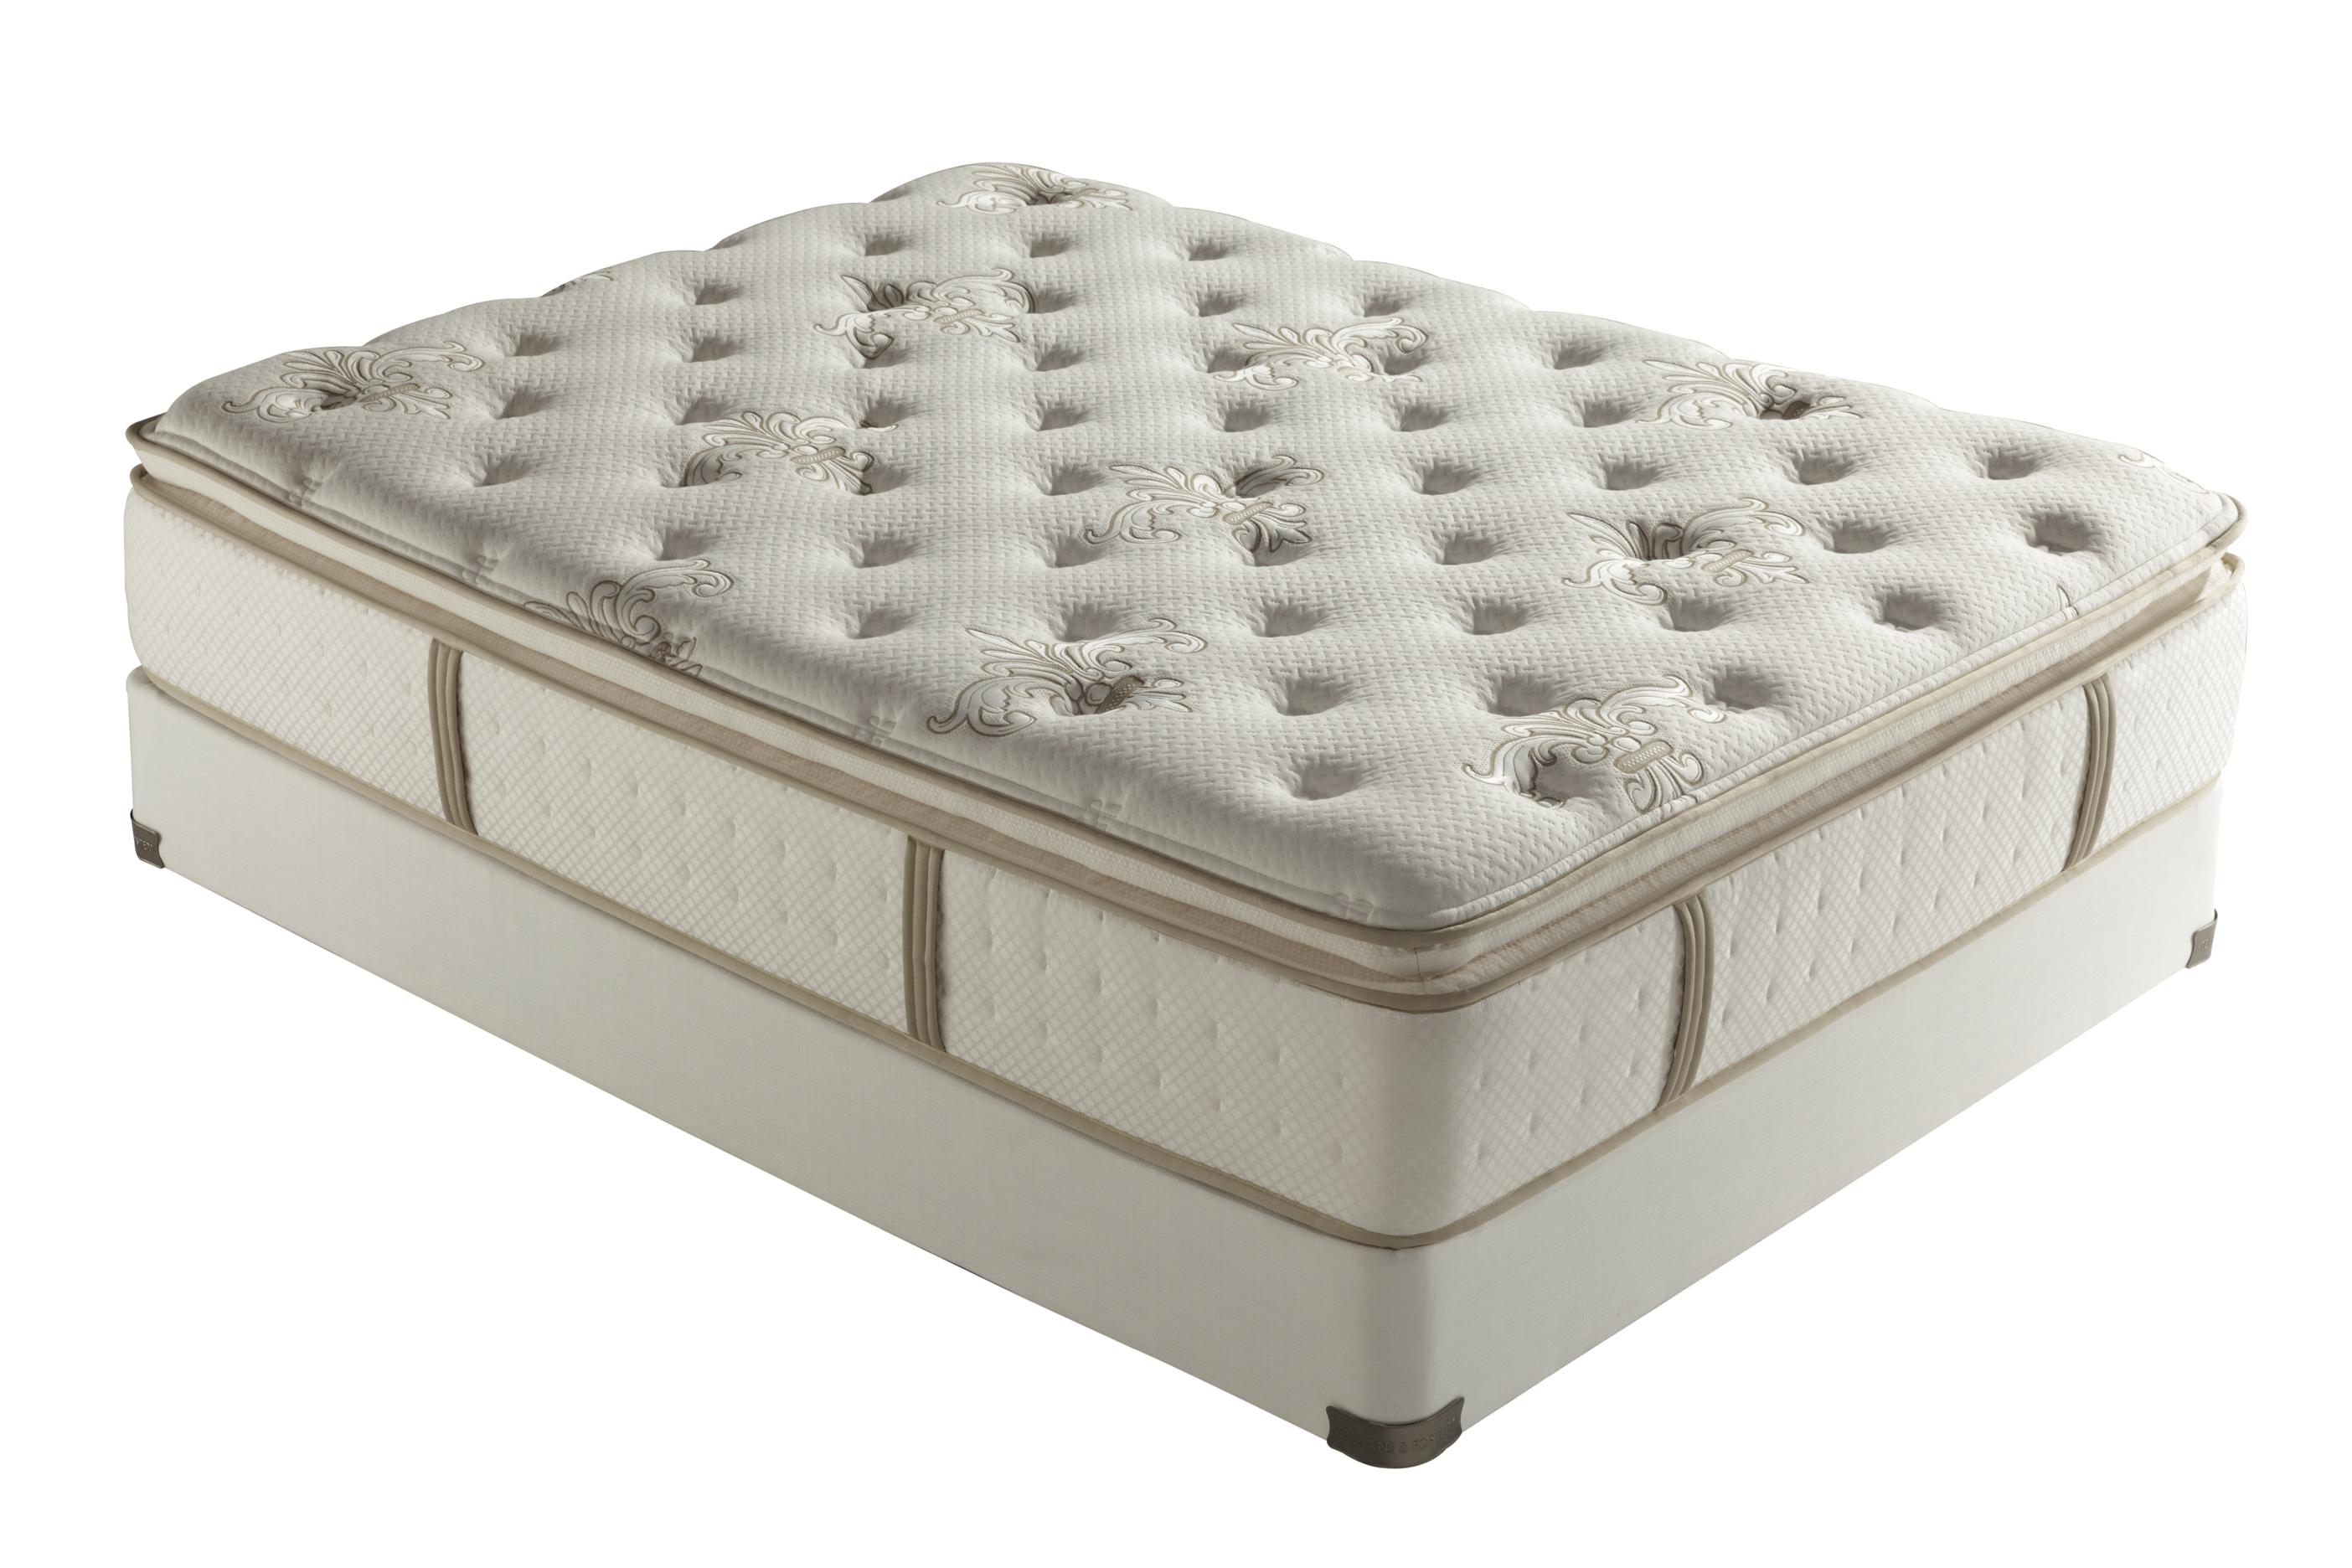 Stearns Foster Peggy Luxury Plush Pillow Top Mattress